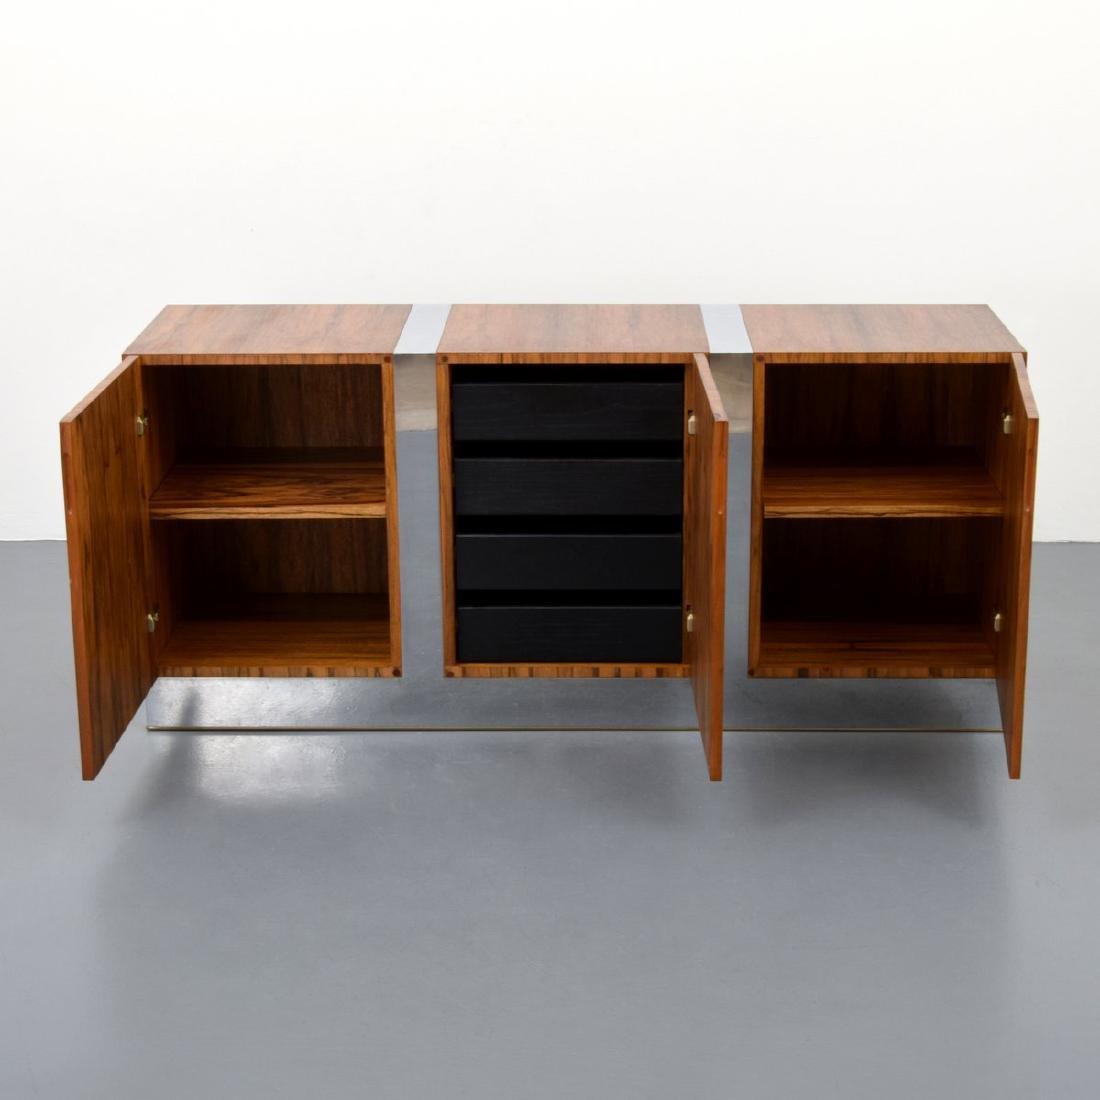 Milo Baughman Rosewood Cabinet - 3